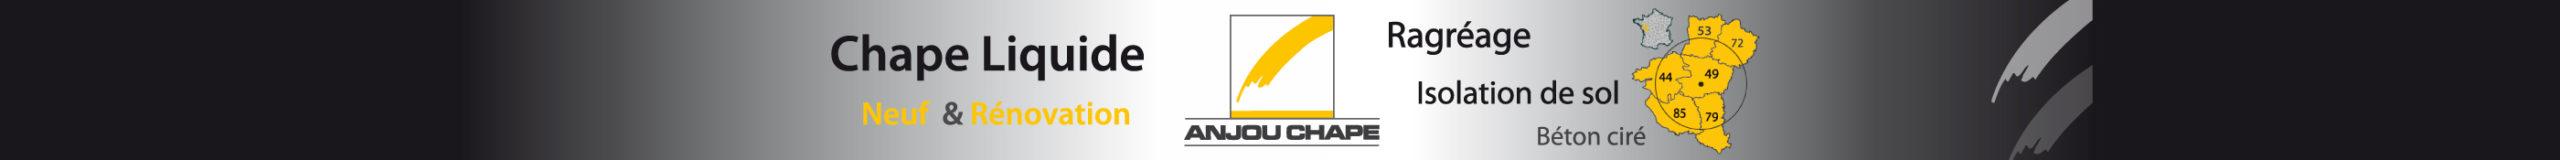 ANJOU CHAPE – Réalisations de chape liquide maine et loire (49), chape fluide, chape allégée avec isolation de sol et rénovation de sol, béton ciré 49, ragréage par Anjou Chape Logo